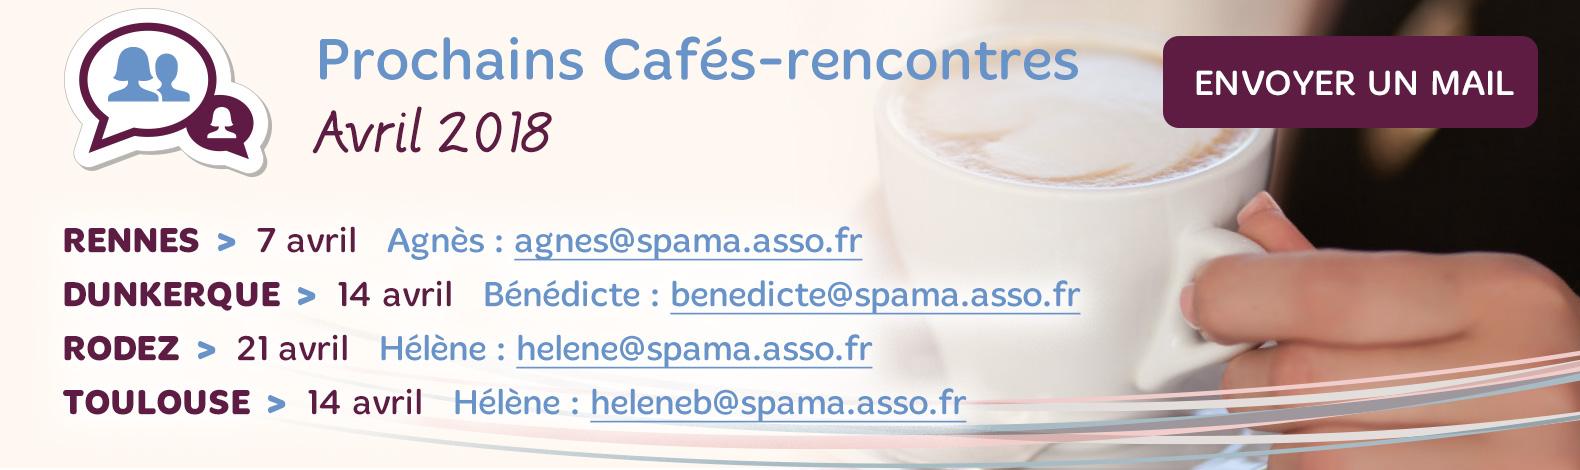 Cafés Rencontres Avril 2018